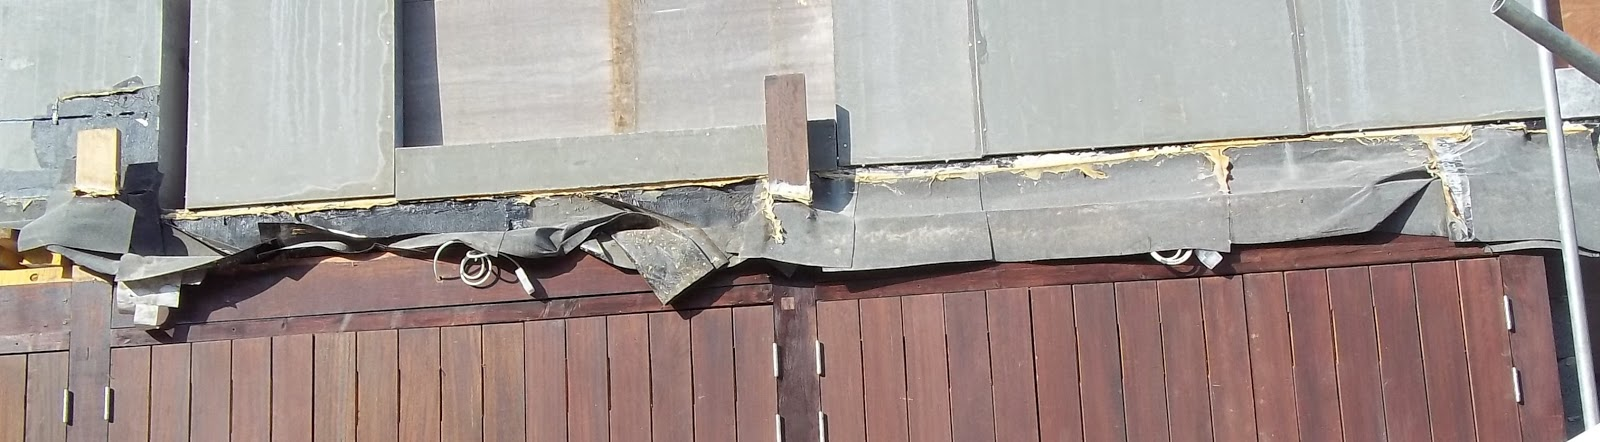 Glue gun terror